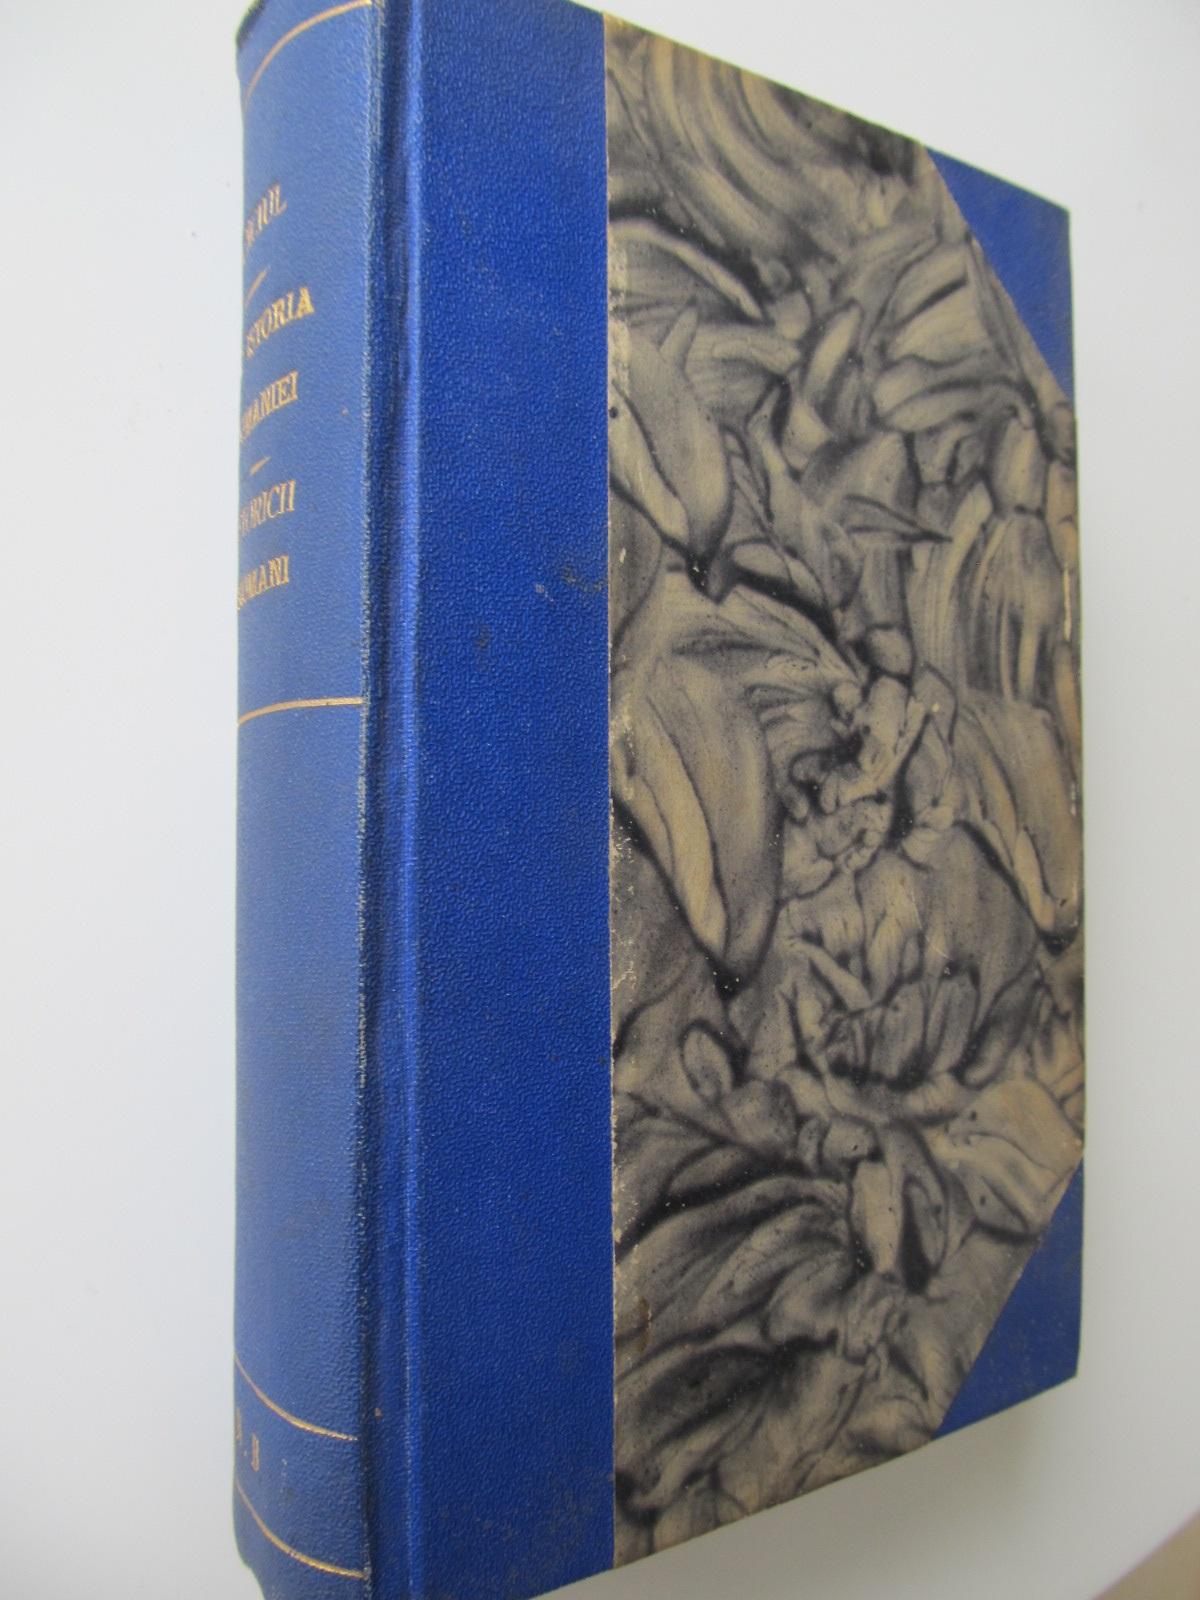 Din istoria Romaniei - D. Onciul , 1913 - Istoricii romani , 1909 (colegate) - Dimitrie Onciul | Detalii carte